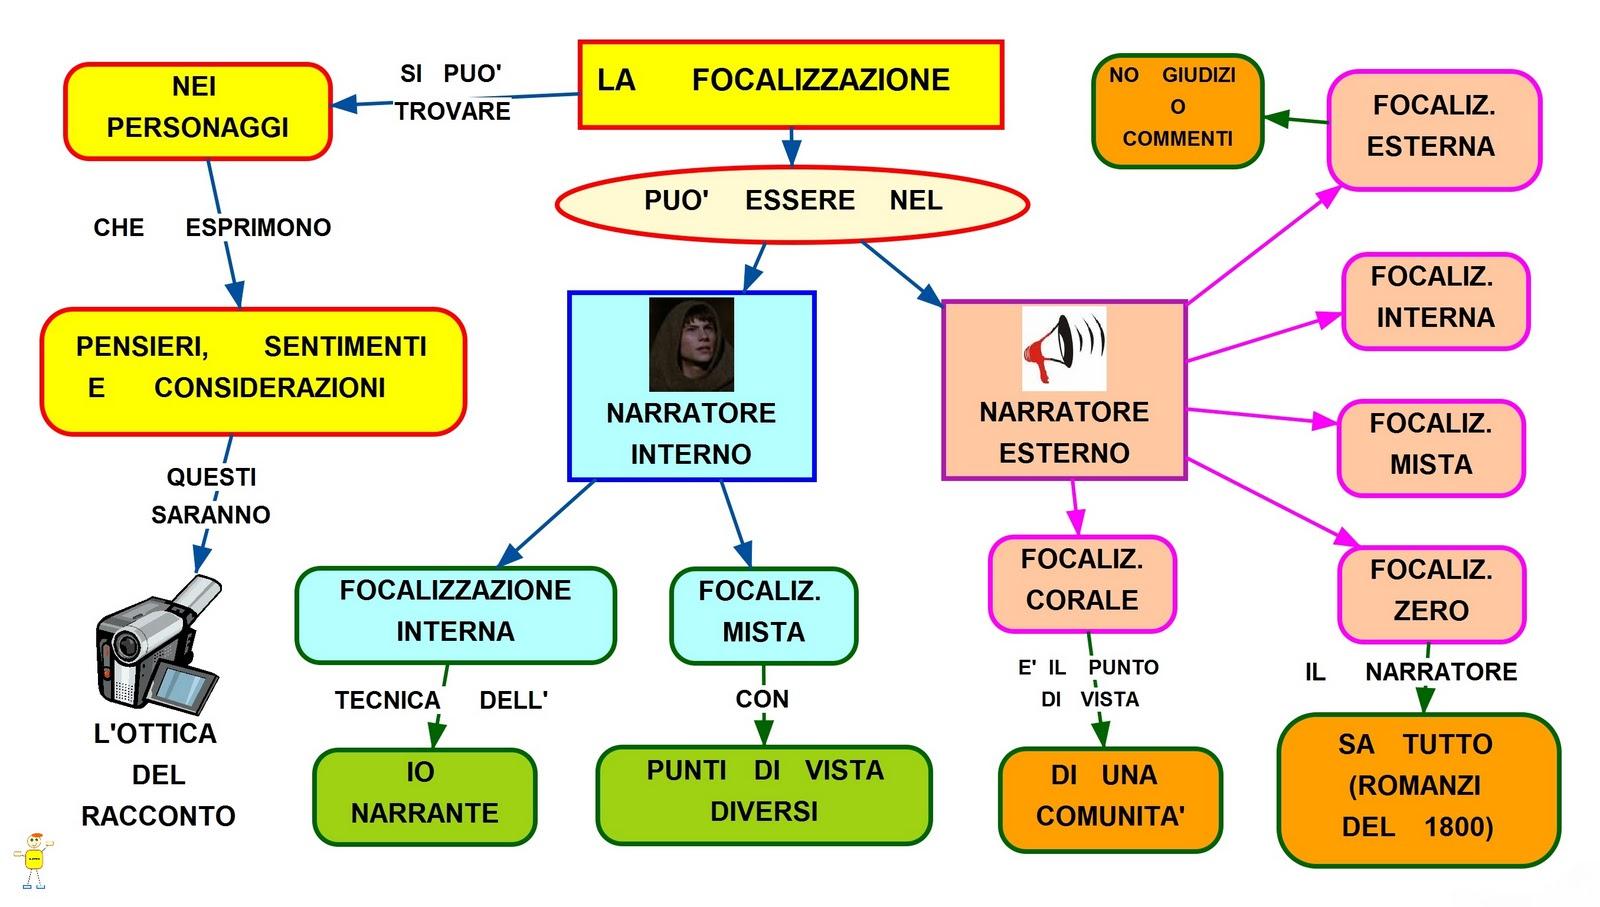 Mappa concettuale focalizzazione narratore for Narratore e interno o esterno